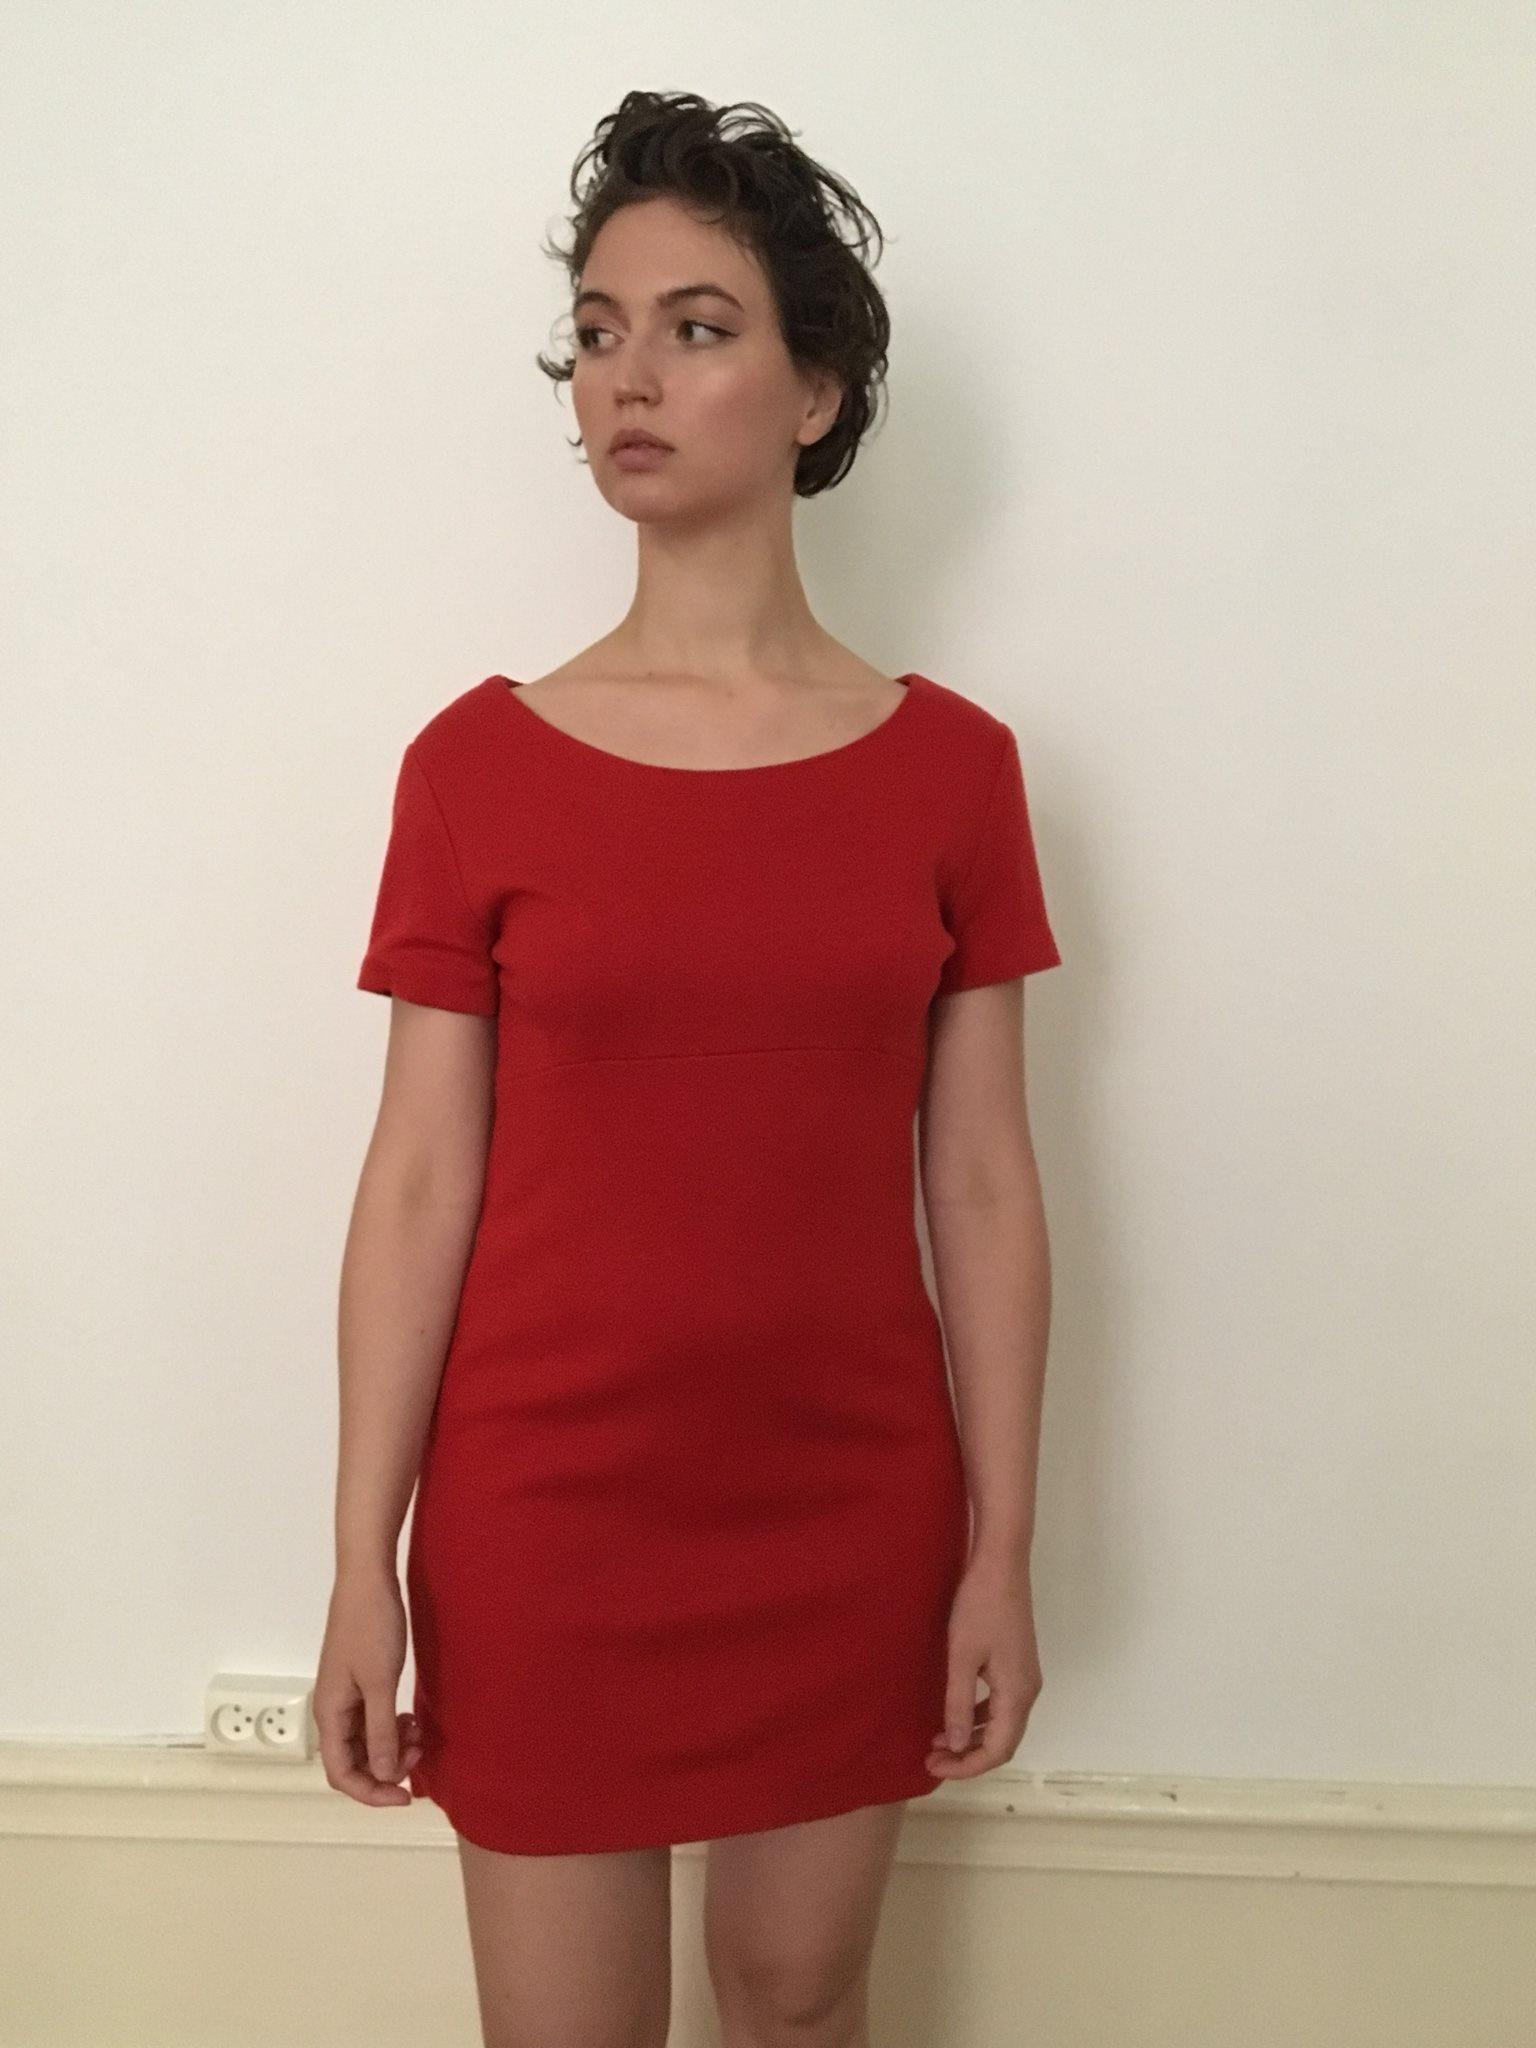 9c35cacc7f7b Röd klassisk vintage 50 60 tal klänning (330932203) ᐈ Köp på Tradera